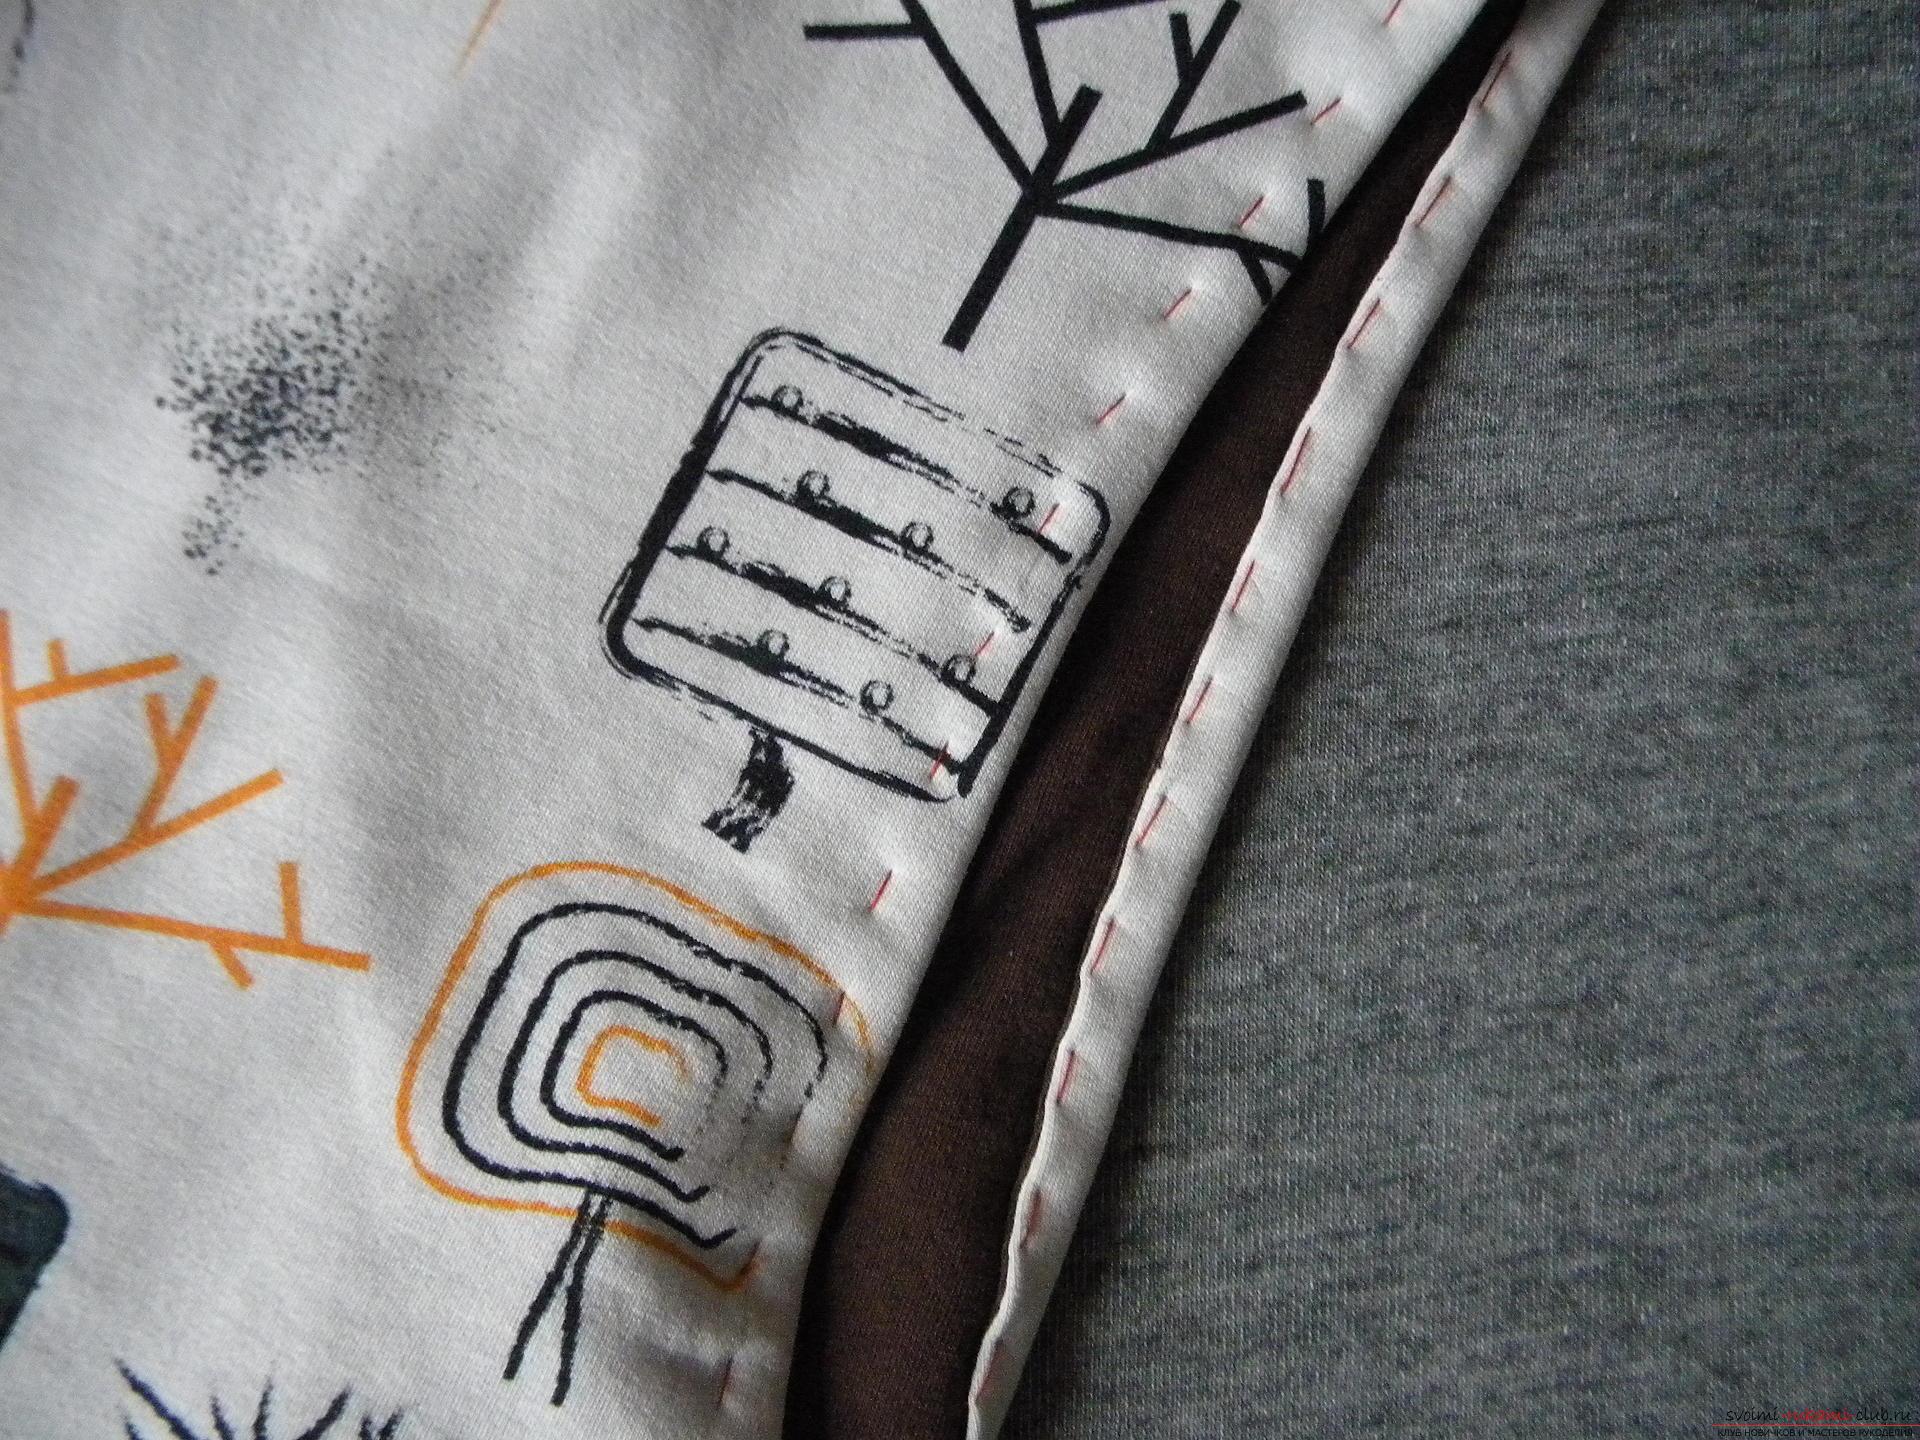 Мастер-класс по шитью подробно описывает и показывает на фото как сшить худи с капюшоном.. Фото №8